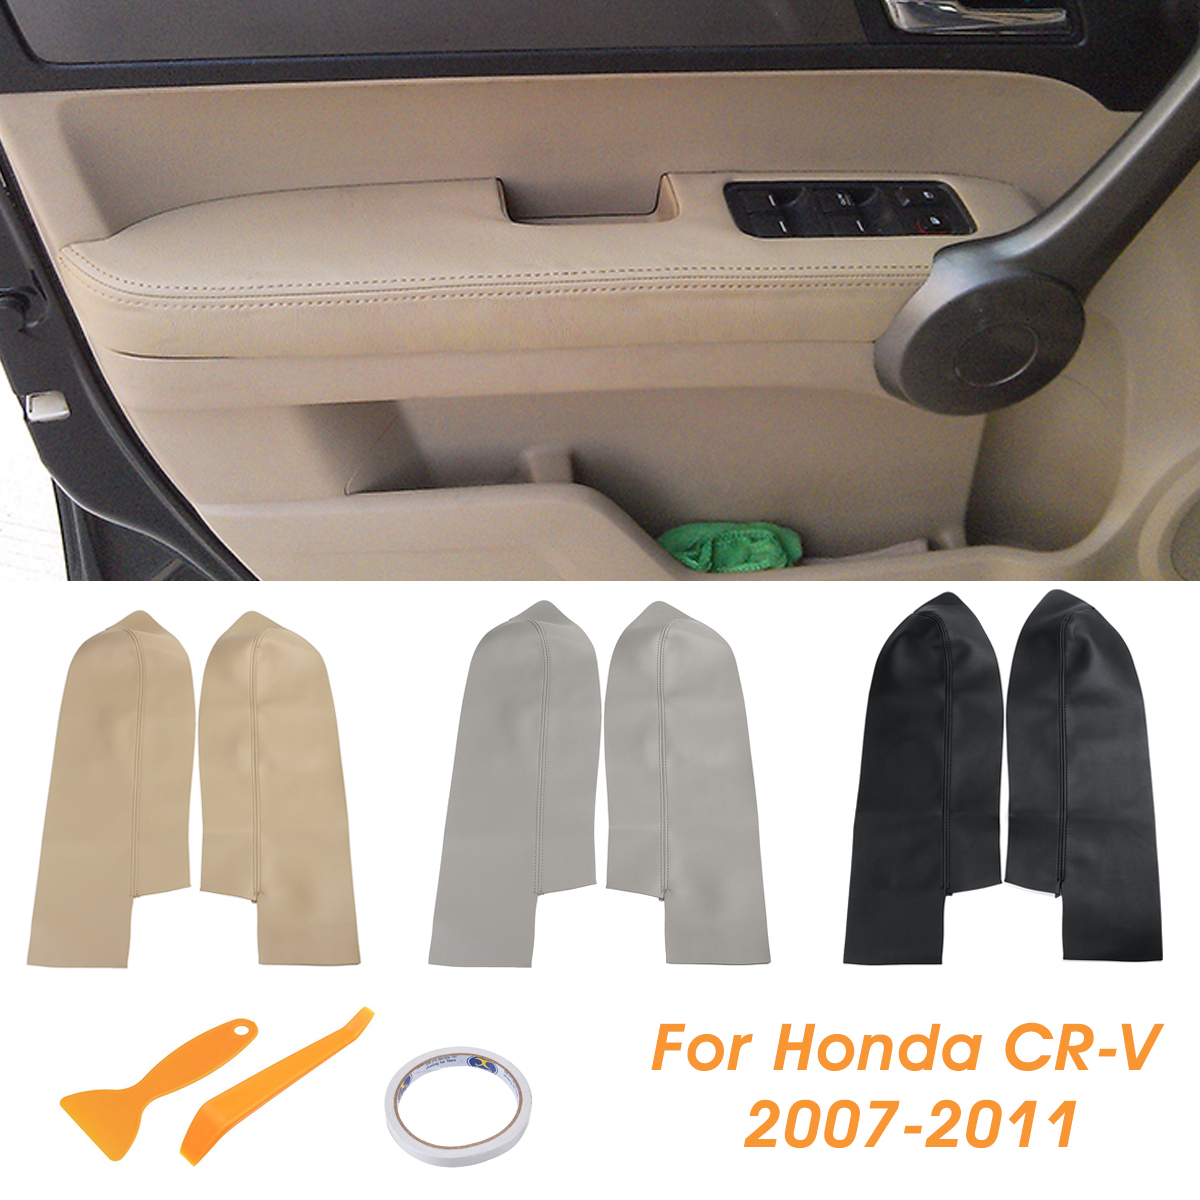 Paar Auto Lederen Voorzijde Deurpanelen Armsteun Cover Voor Honda Crv 2007 2008 2009 2010 2011 2012 Zwart/Beige /Grijs